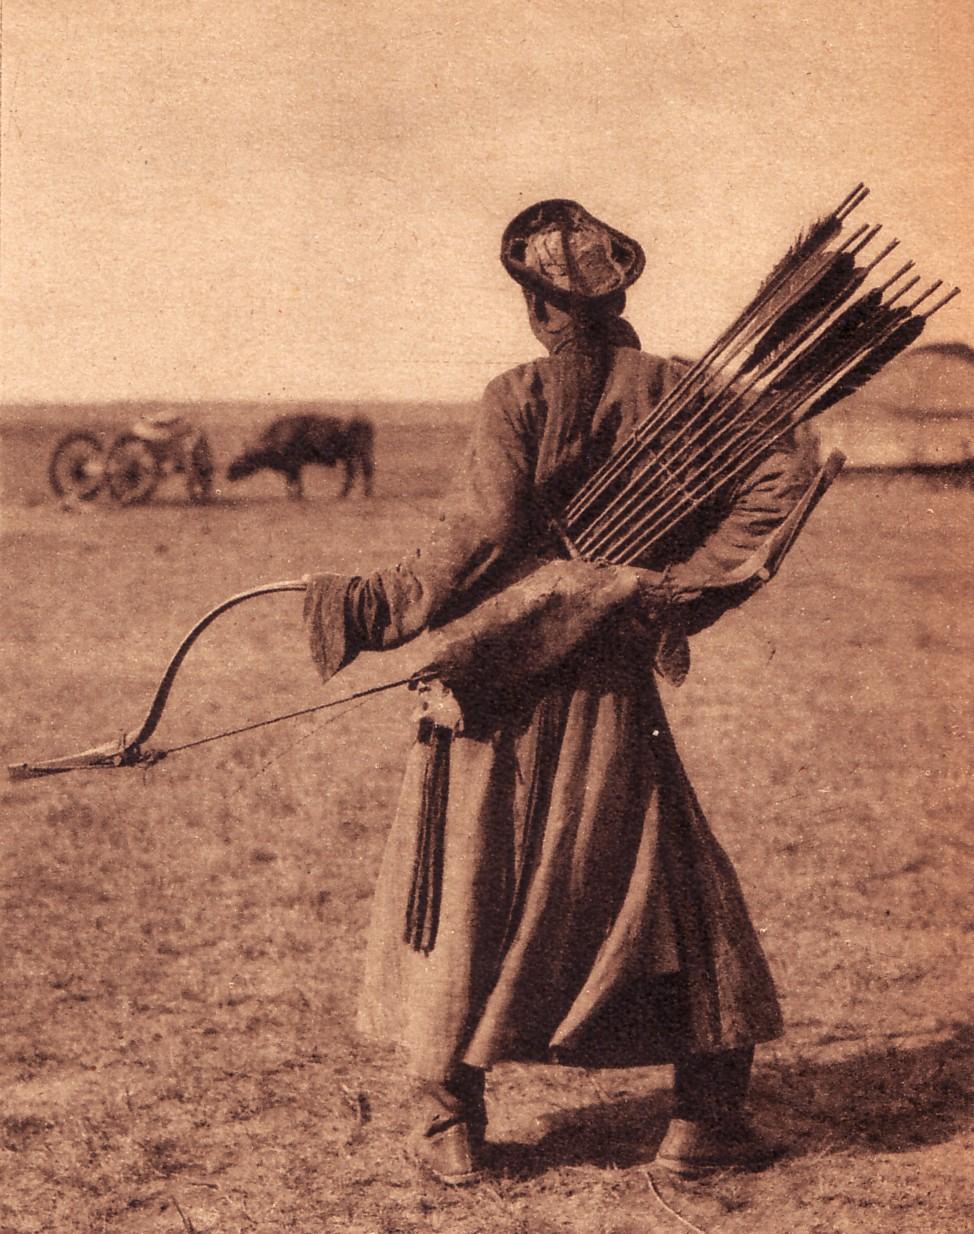 1mongol-archer-in-inner-mongolia-1940s_Q